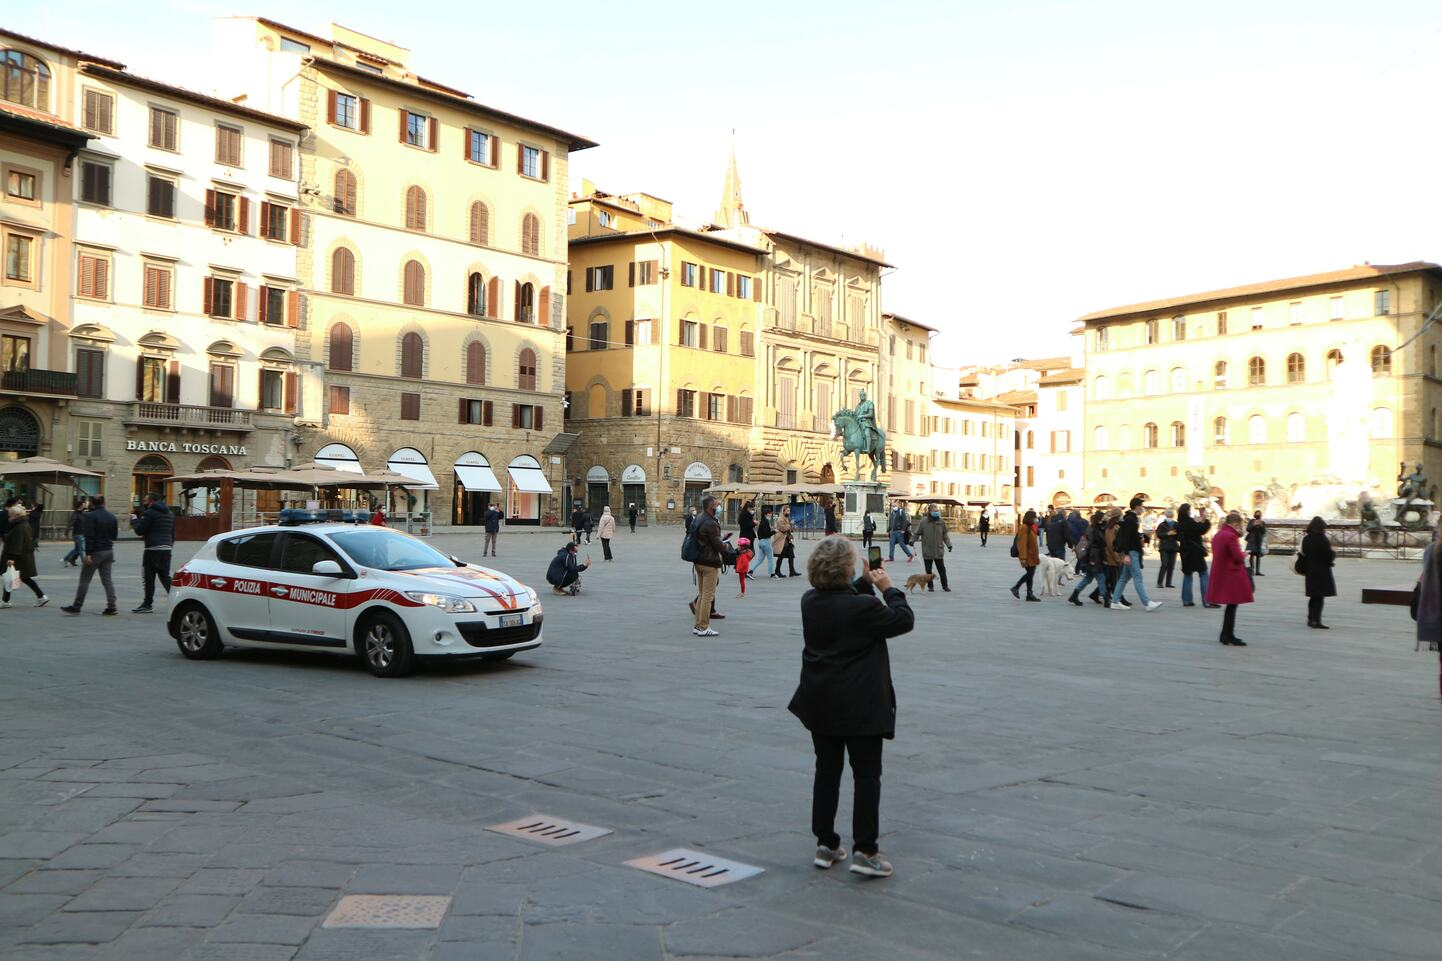 2021年3月25日撮影、フィレンツェのシニョリーア広場